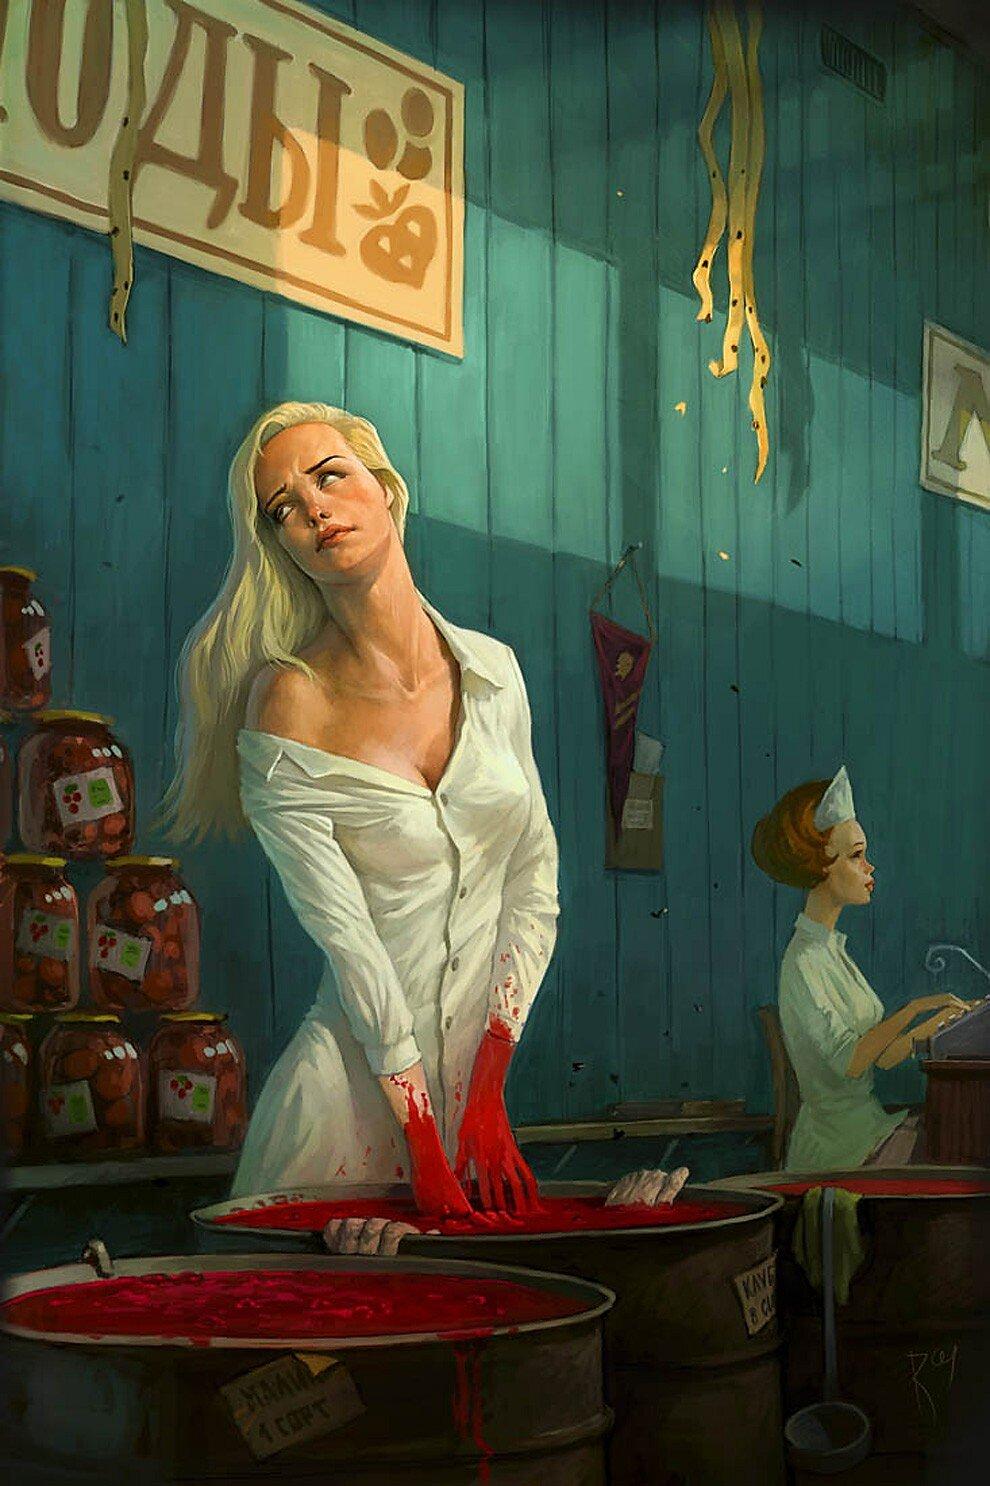 illustrazioni-critica-sociale-messaggi-sessuali-waldemar-von-kazak-05